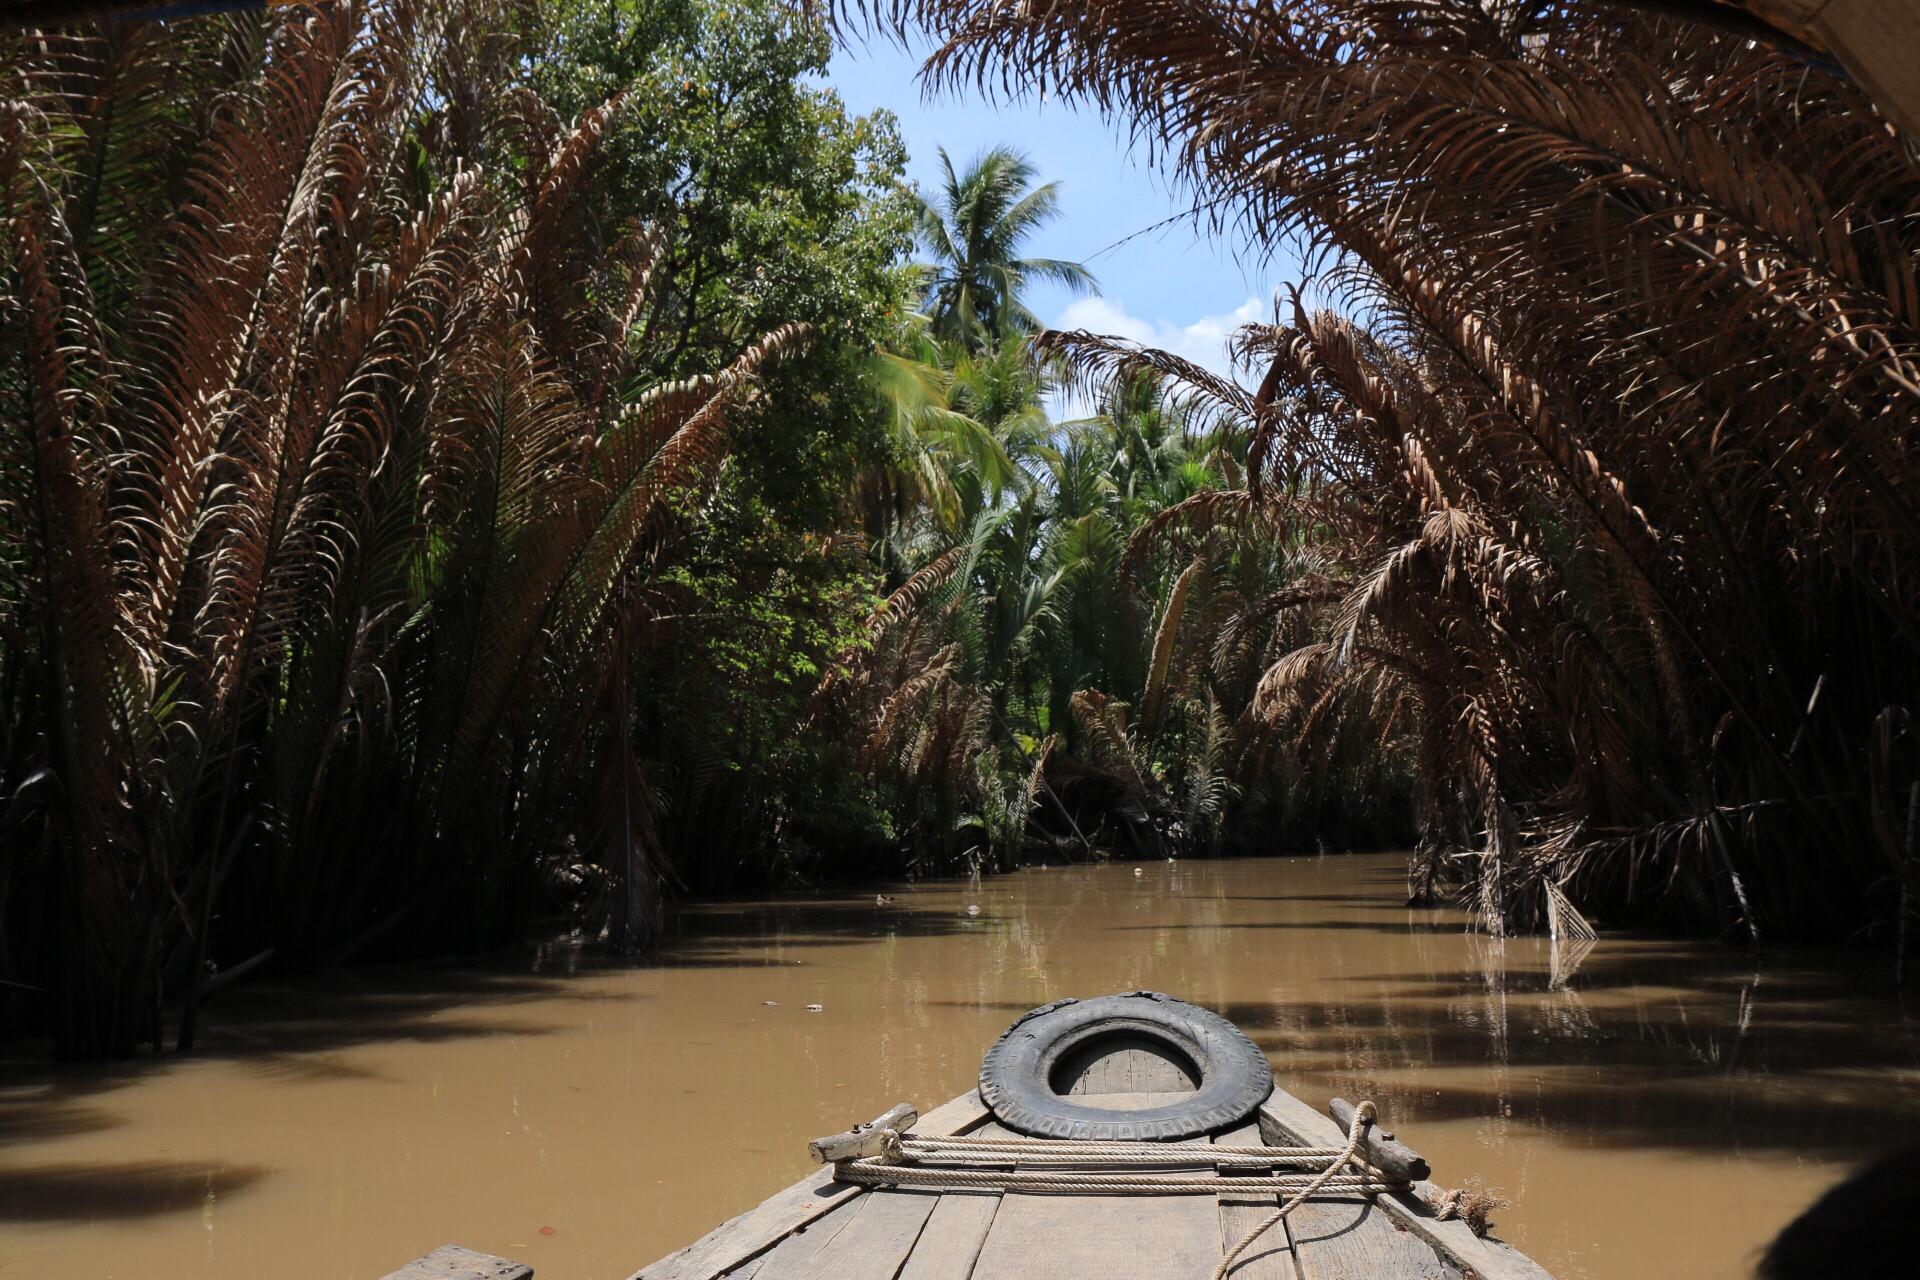 Mit einem Boot mitten durch den Dschungel, eine perfekte Filmkulisse.